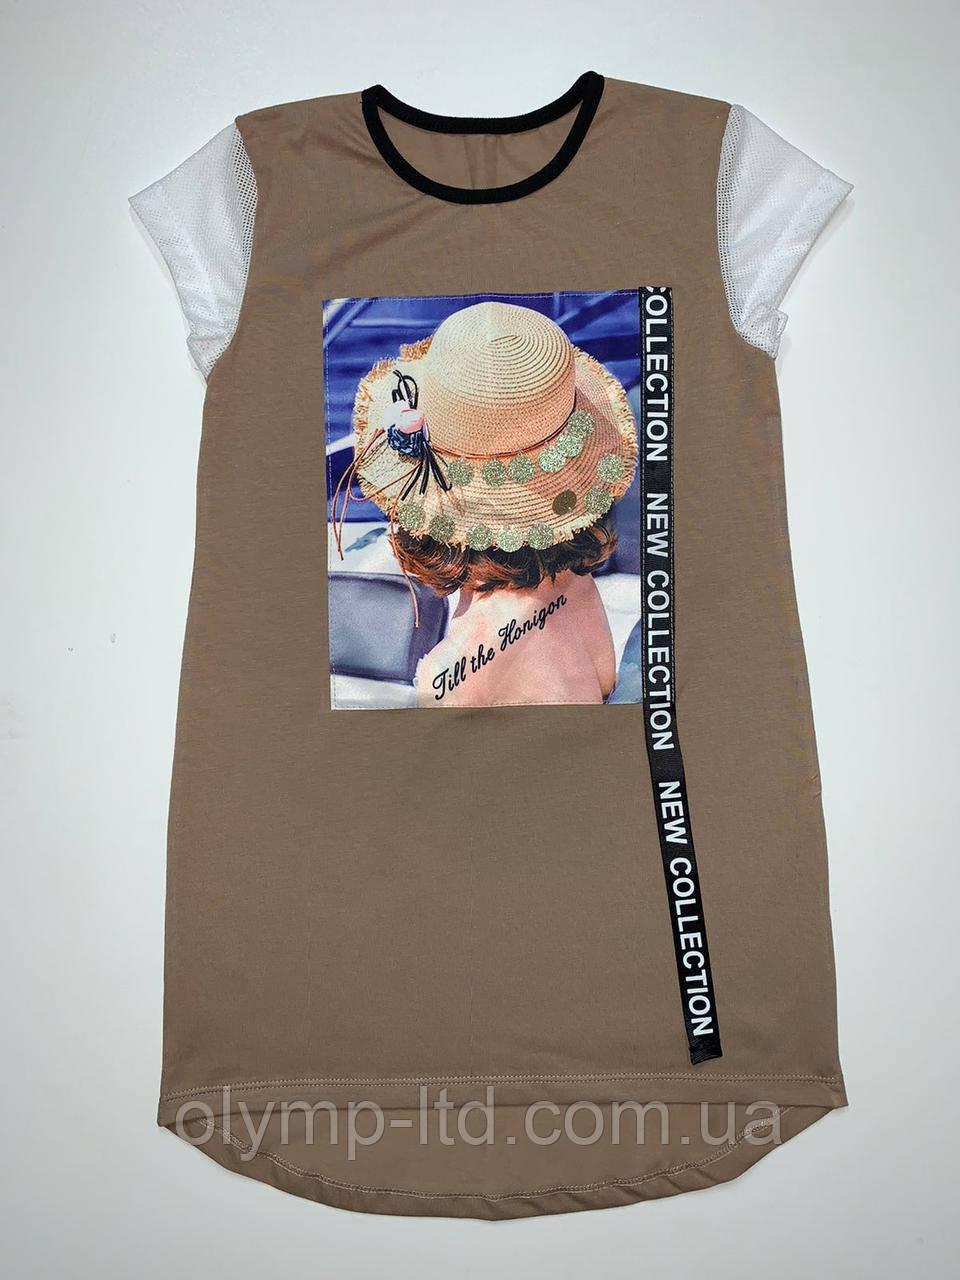 Платье для девочки подростка 36-42 р-р фуликра сетка нашивка лента.